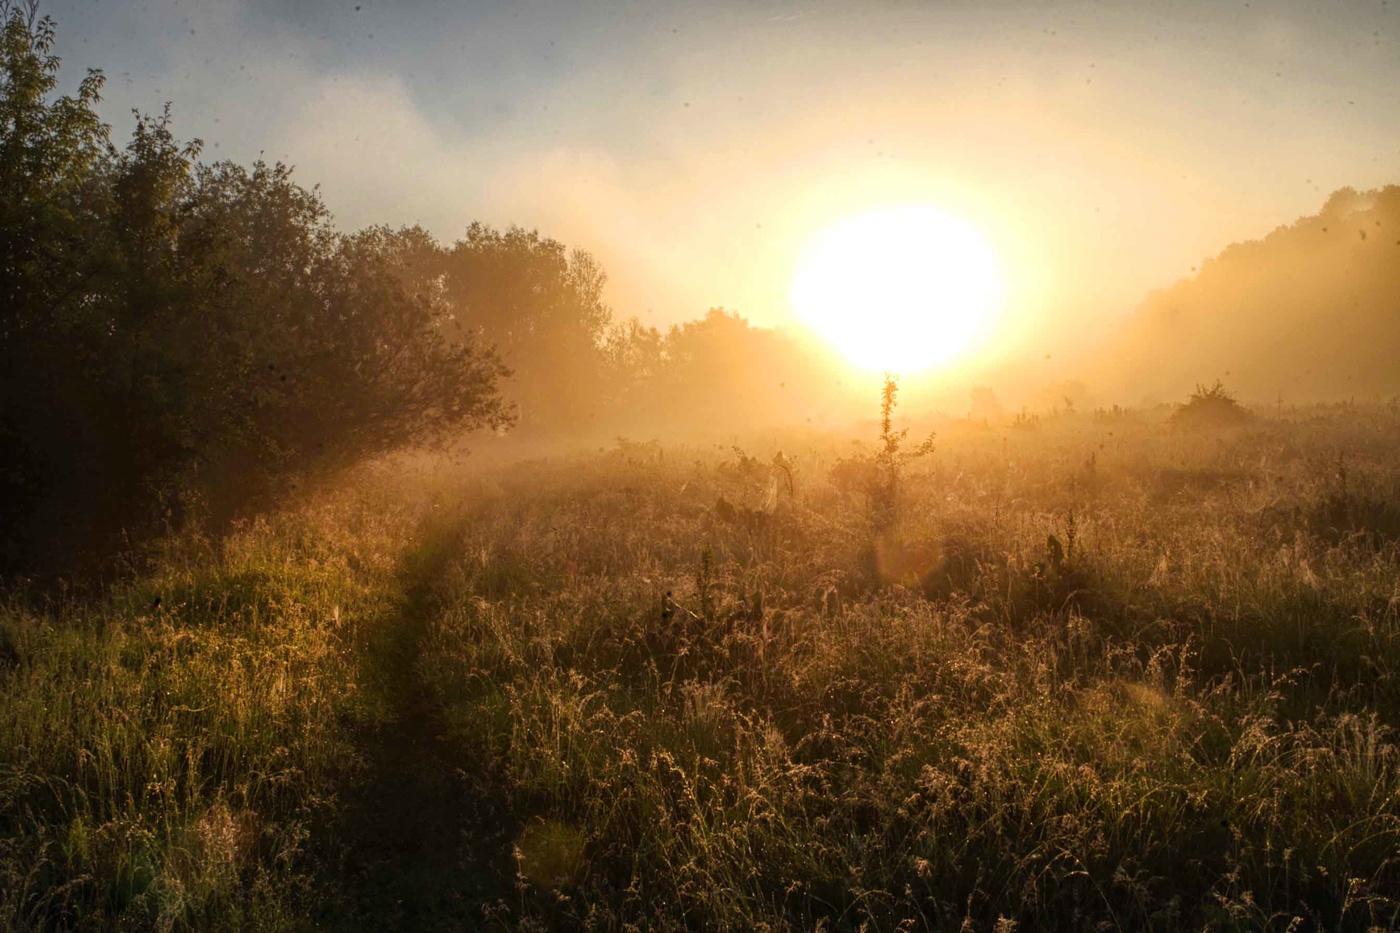 автокресел колясок рассвет солнце встает картинки смотреть невус сильно заметный